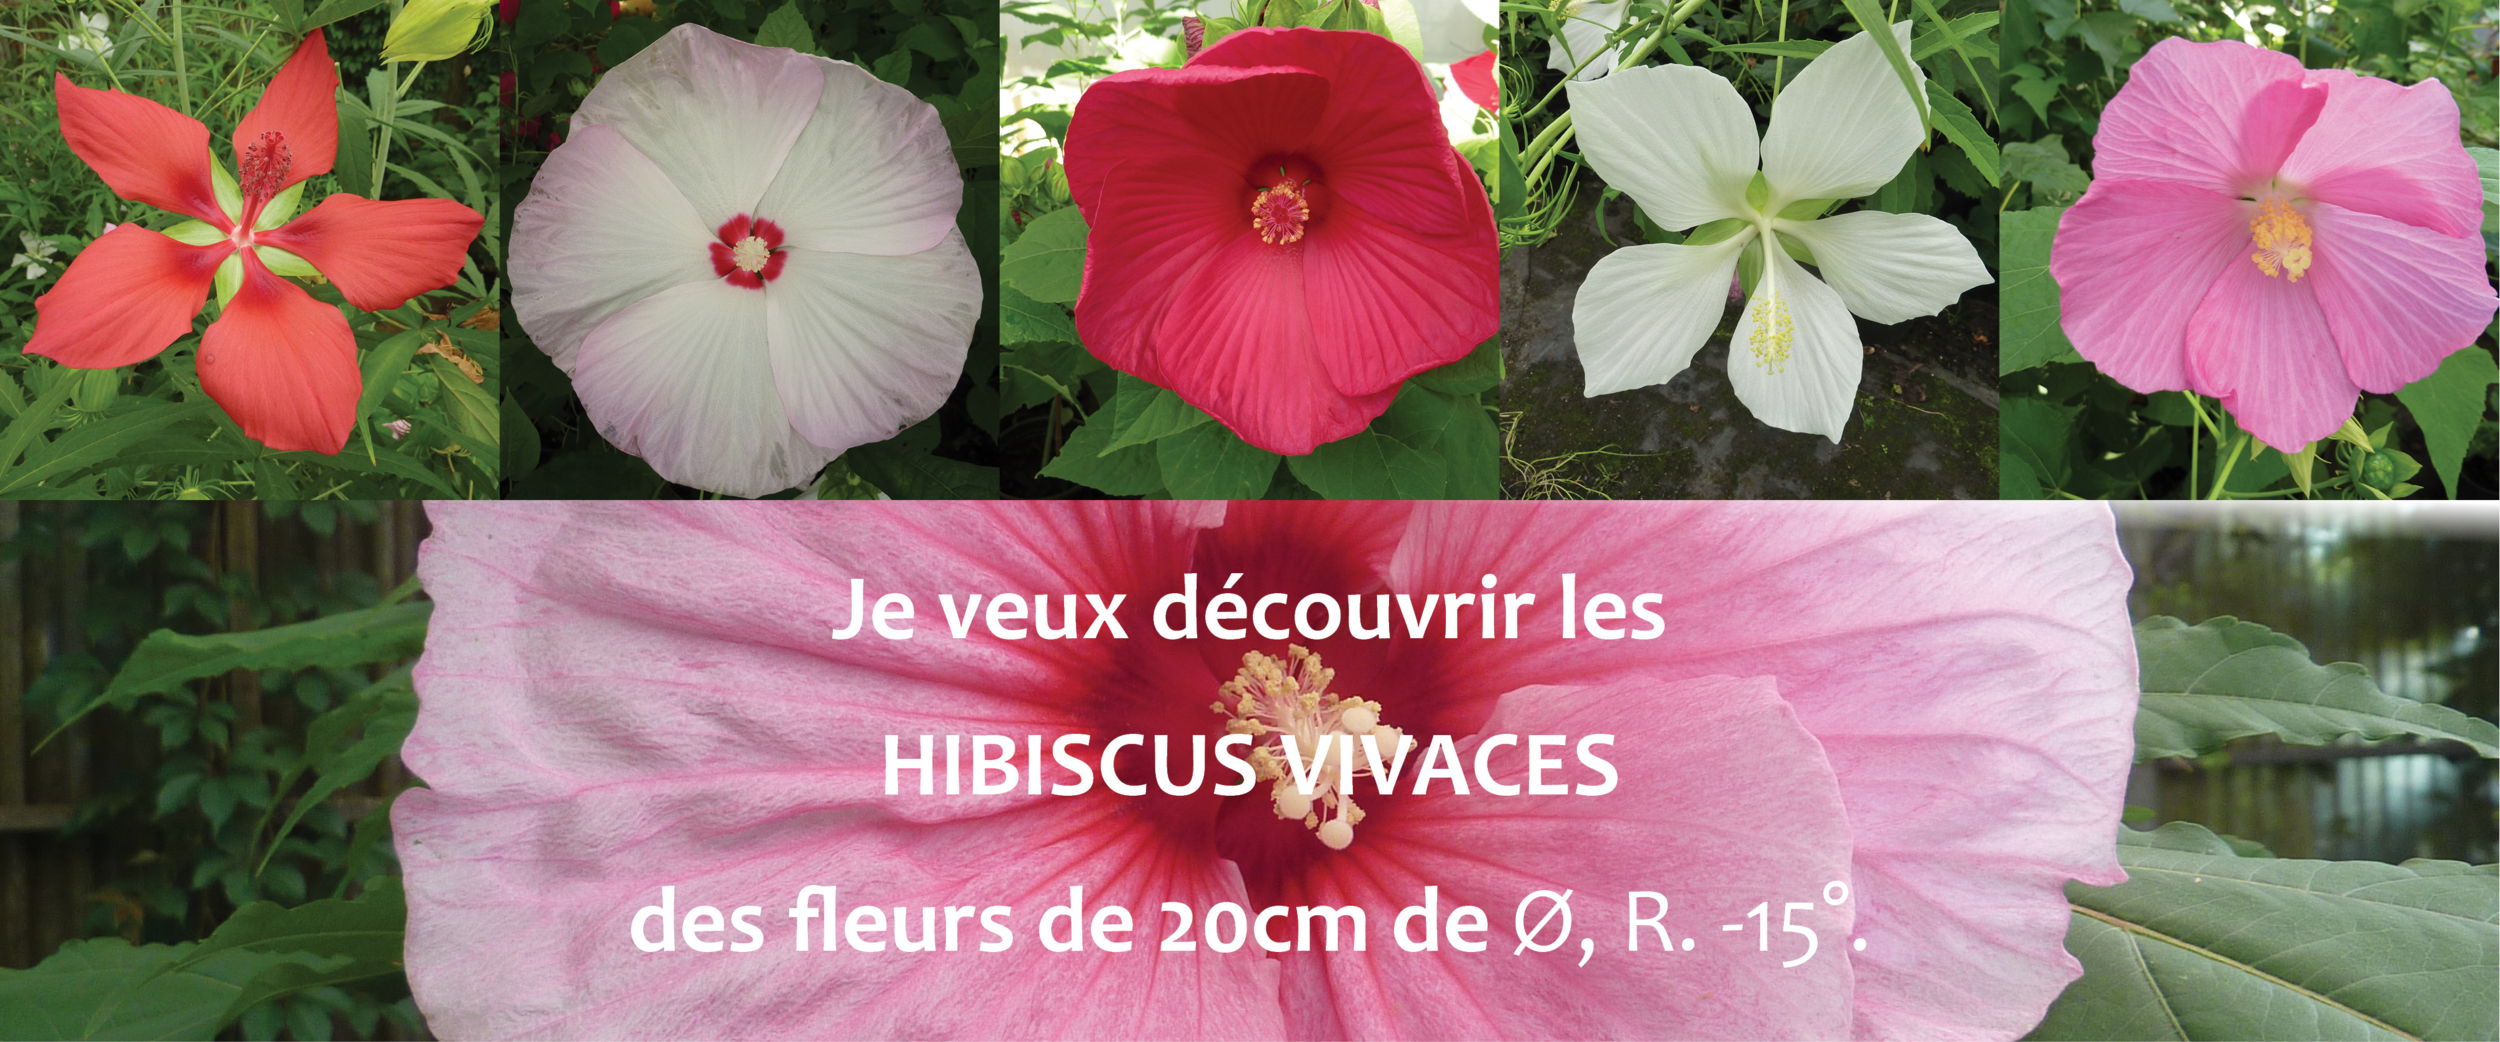 Hibiscus vivaces